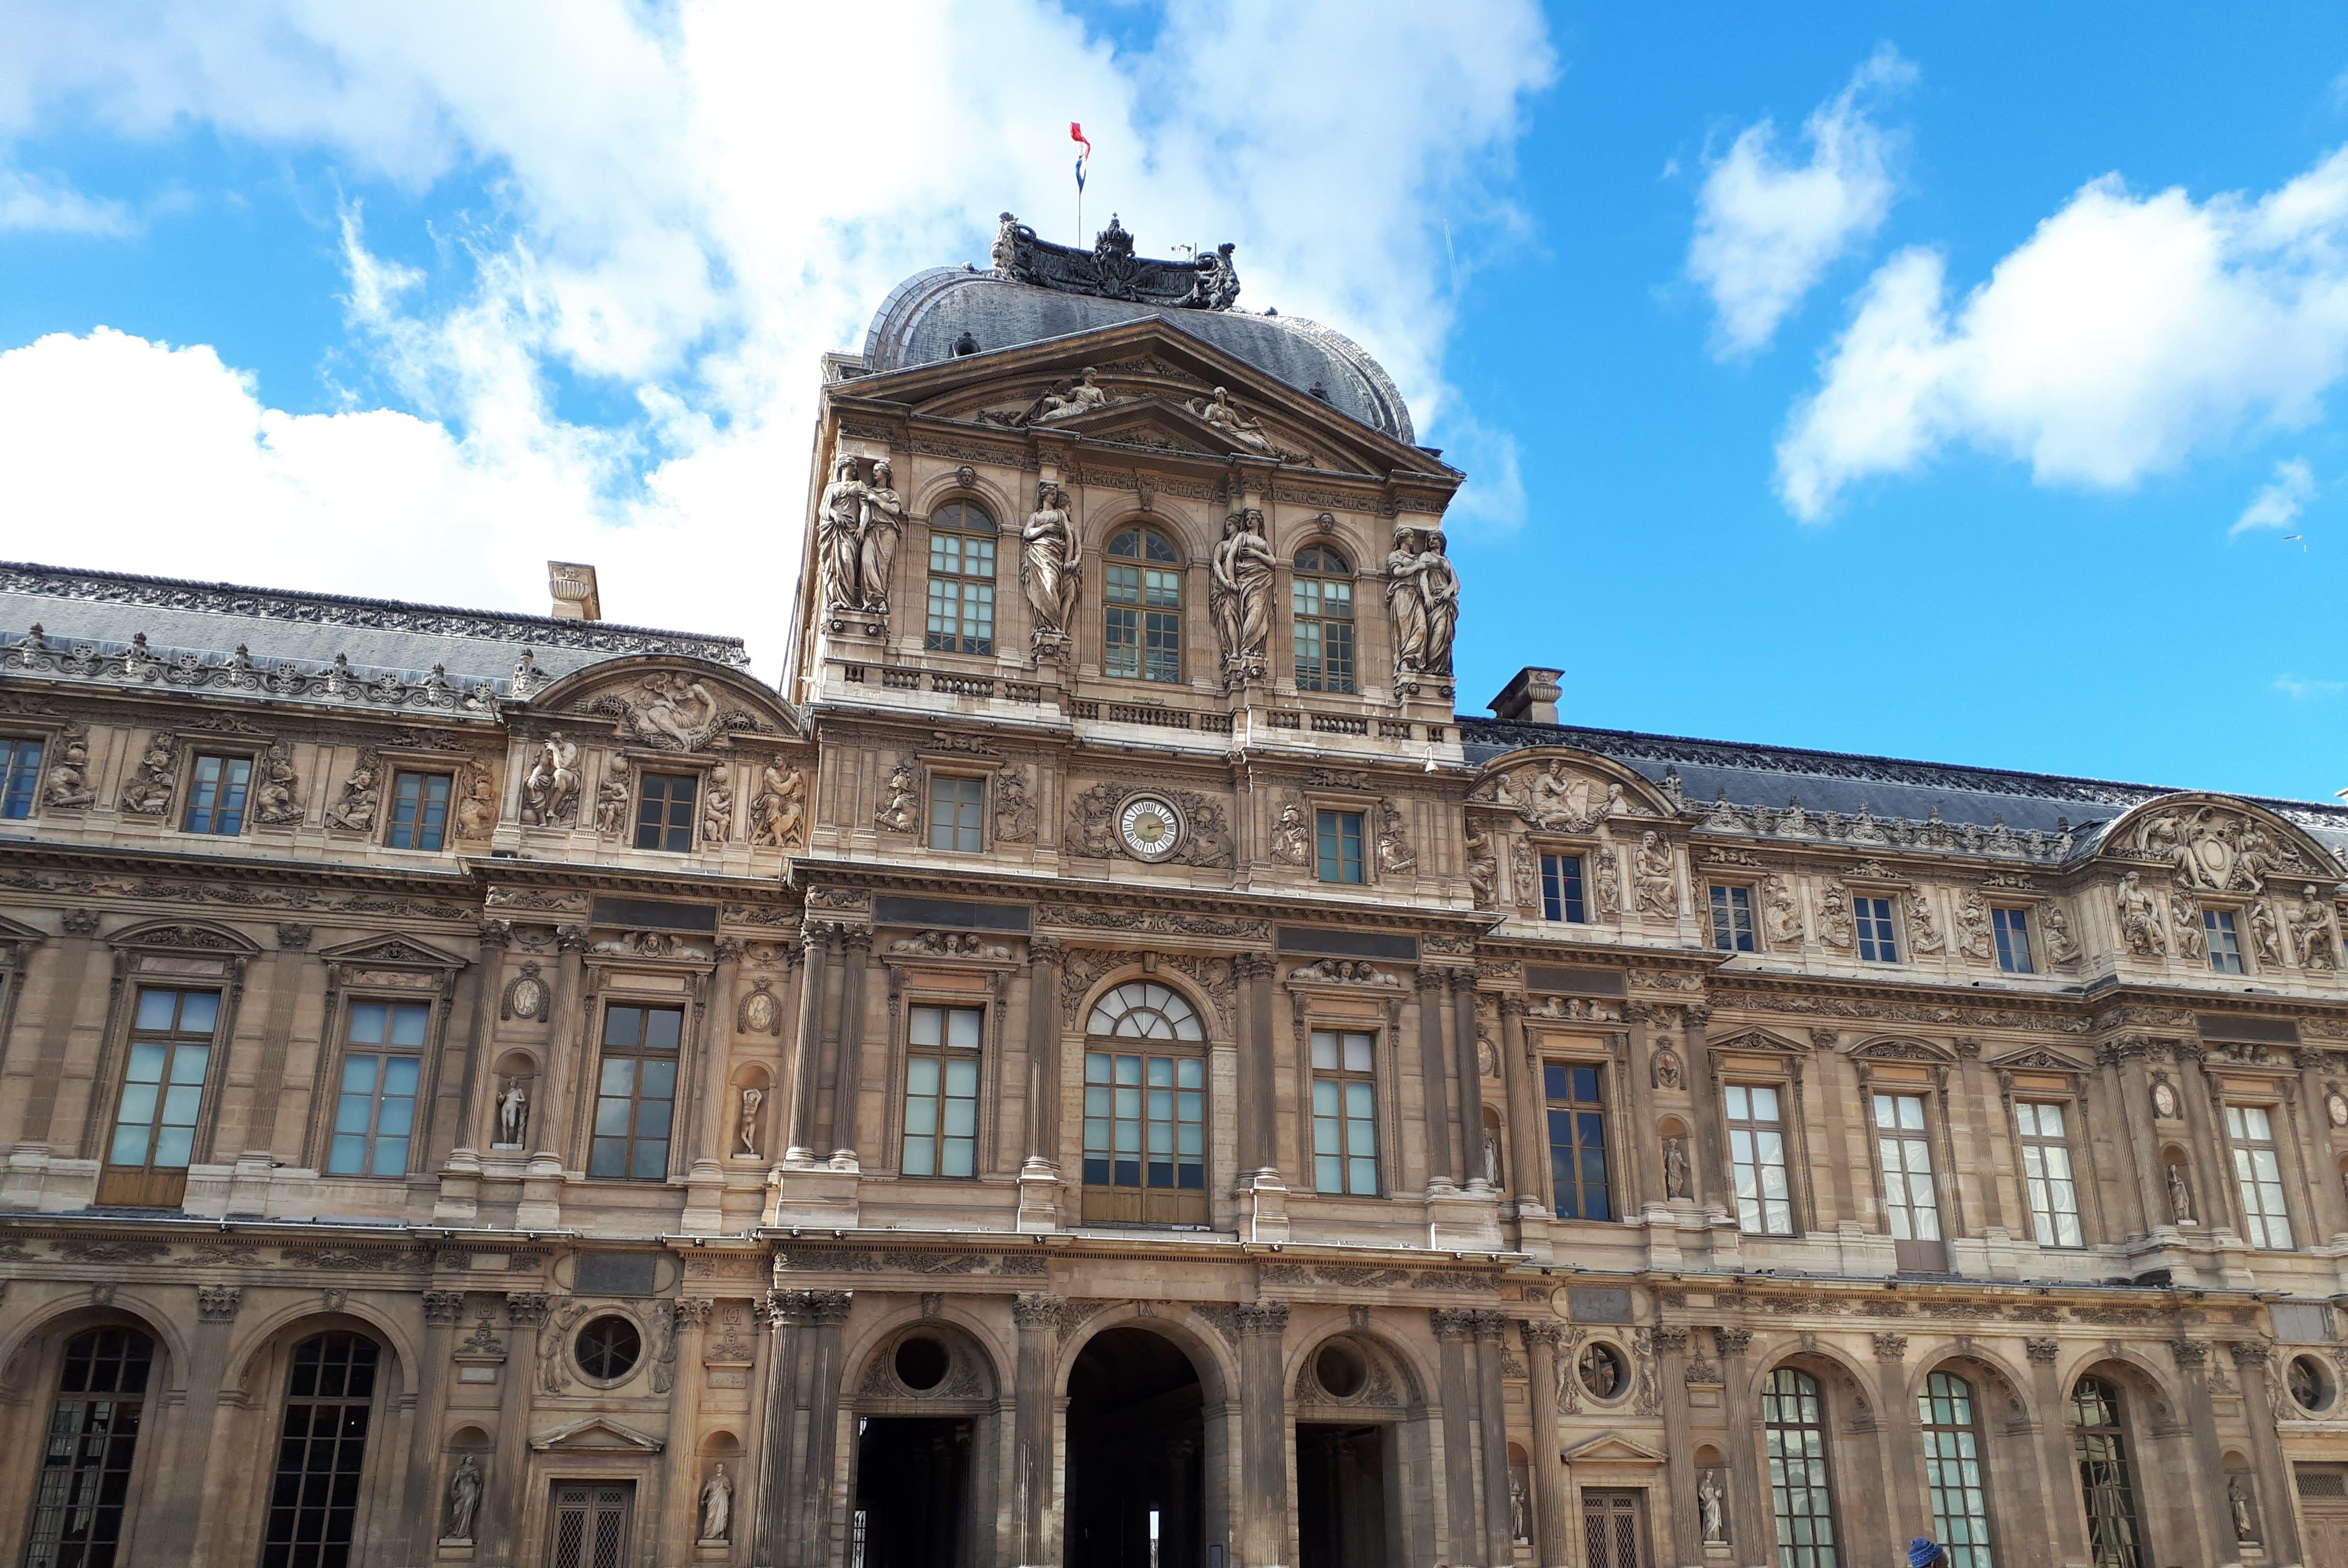 Cour carrée_Louvre